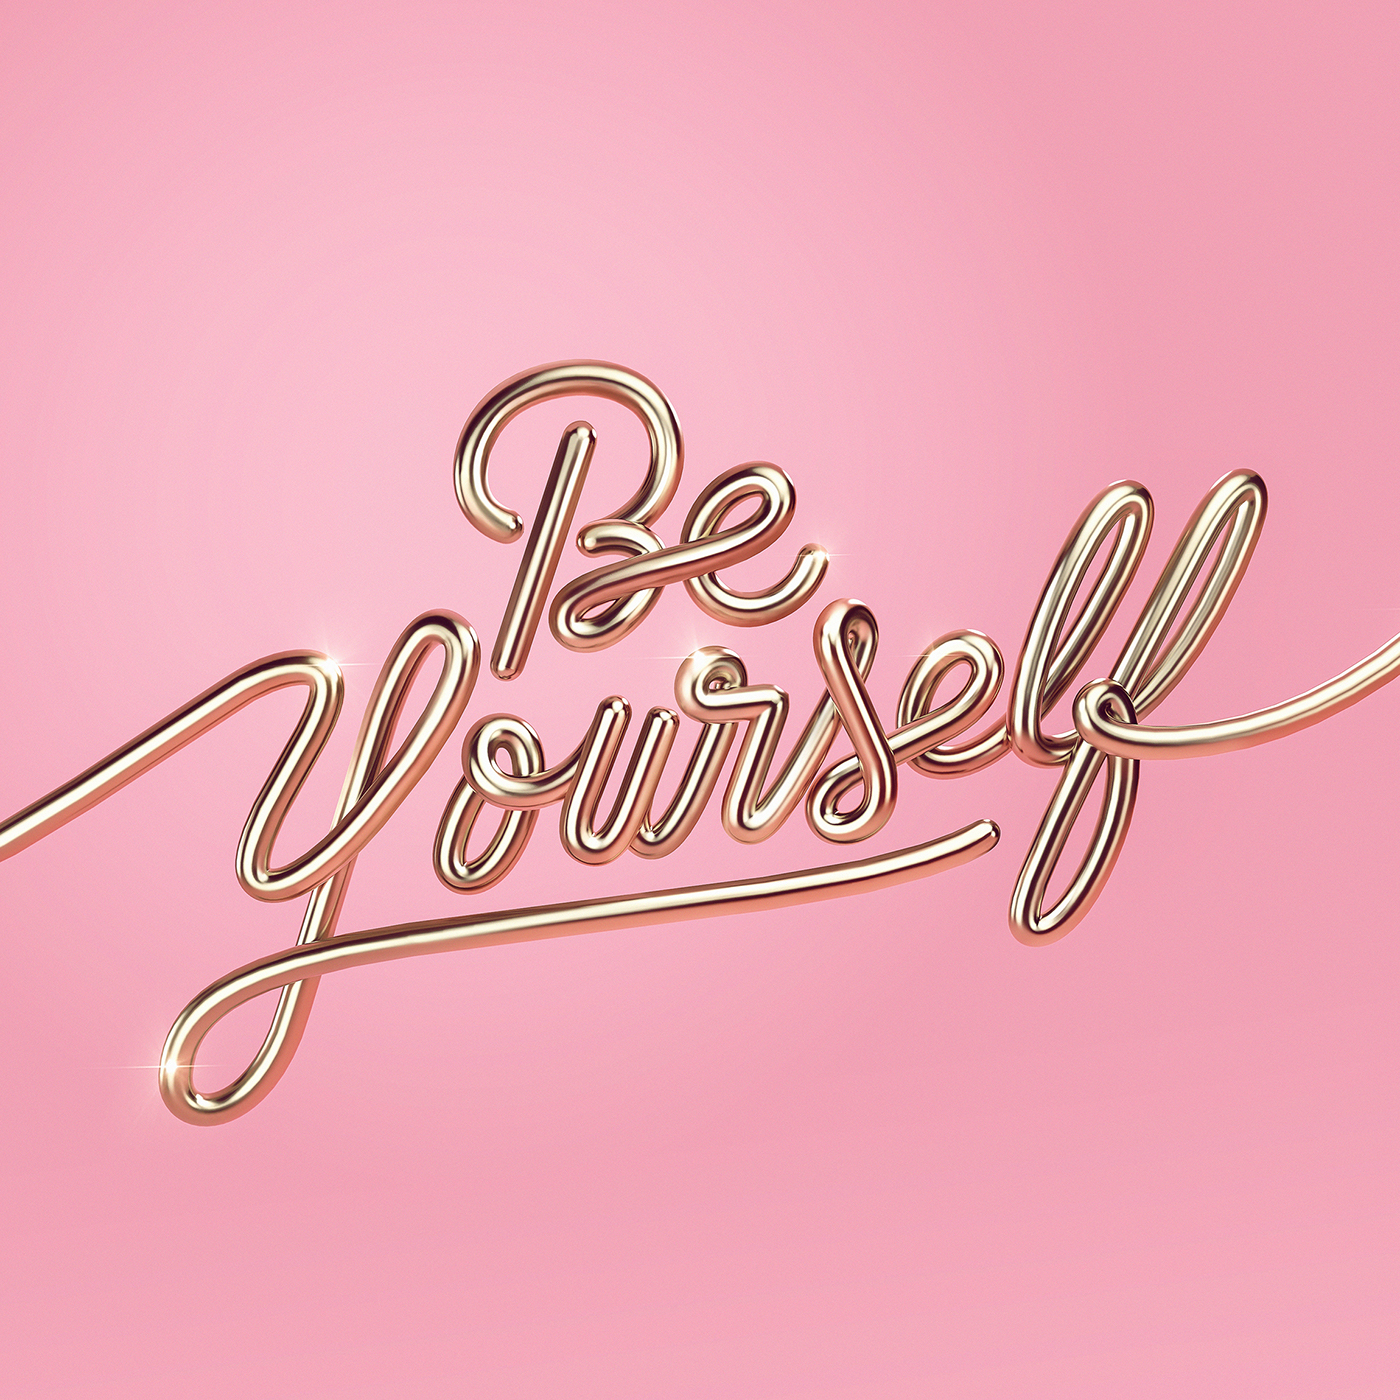 lettering 3D photoshop typography   Maney imagination motivational cinema 4d maney recent